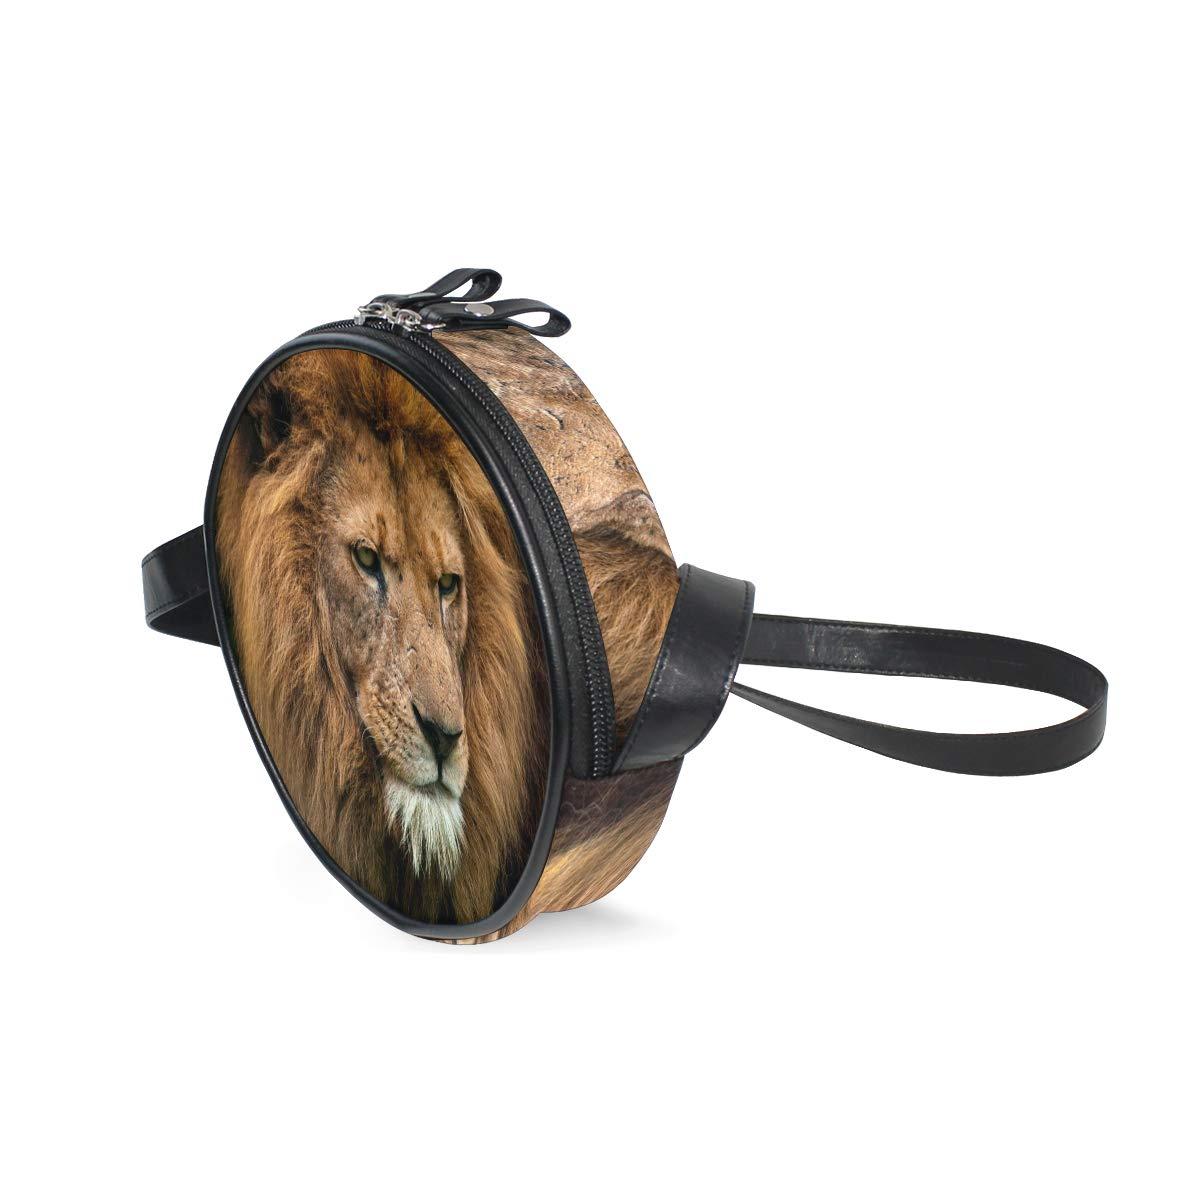 KEAKIA Portrait Of King Lion Round Crossbody Bag Shoulder Sling Bag Handbag Purse Satchel Shoulder Bag for Kids Women